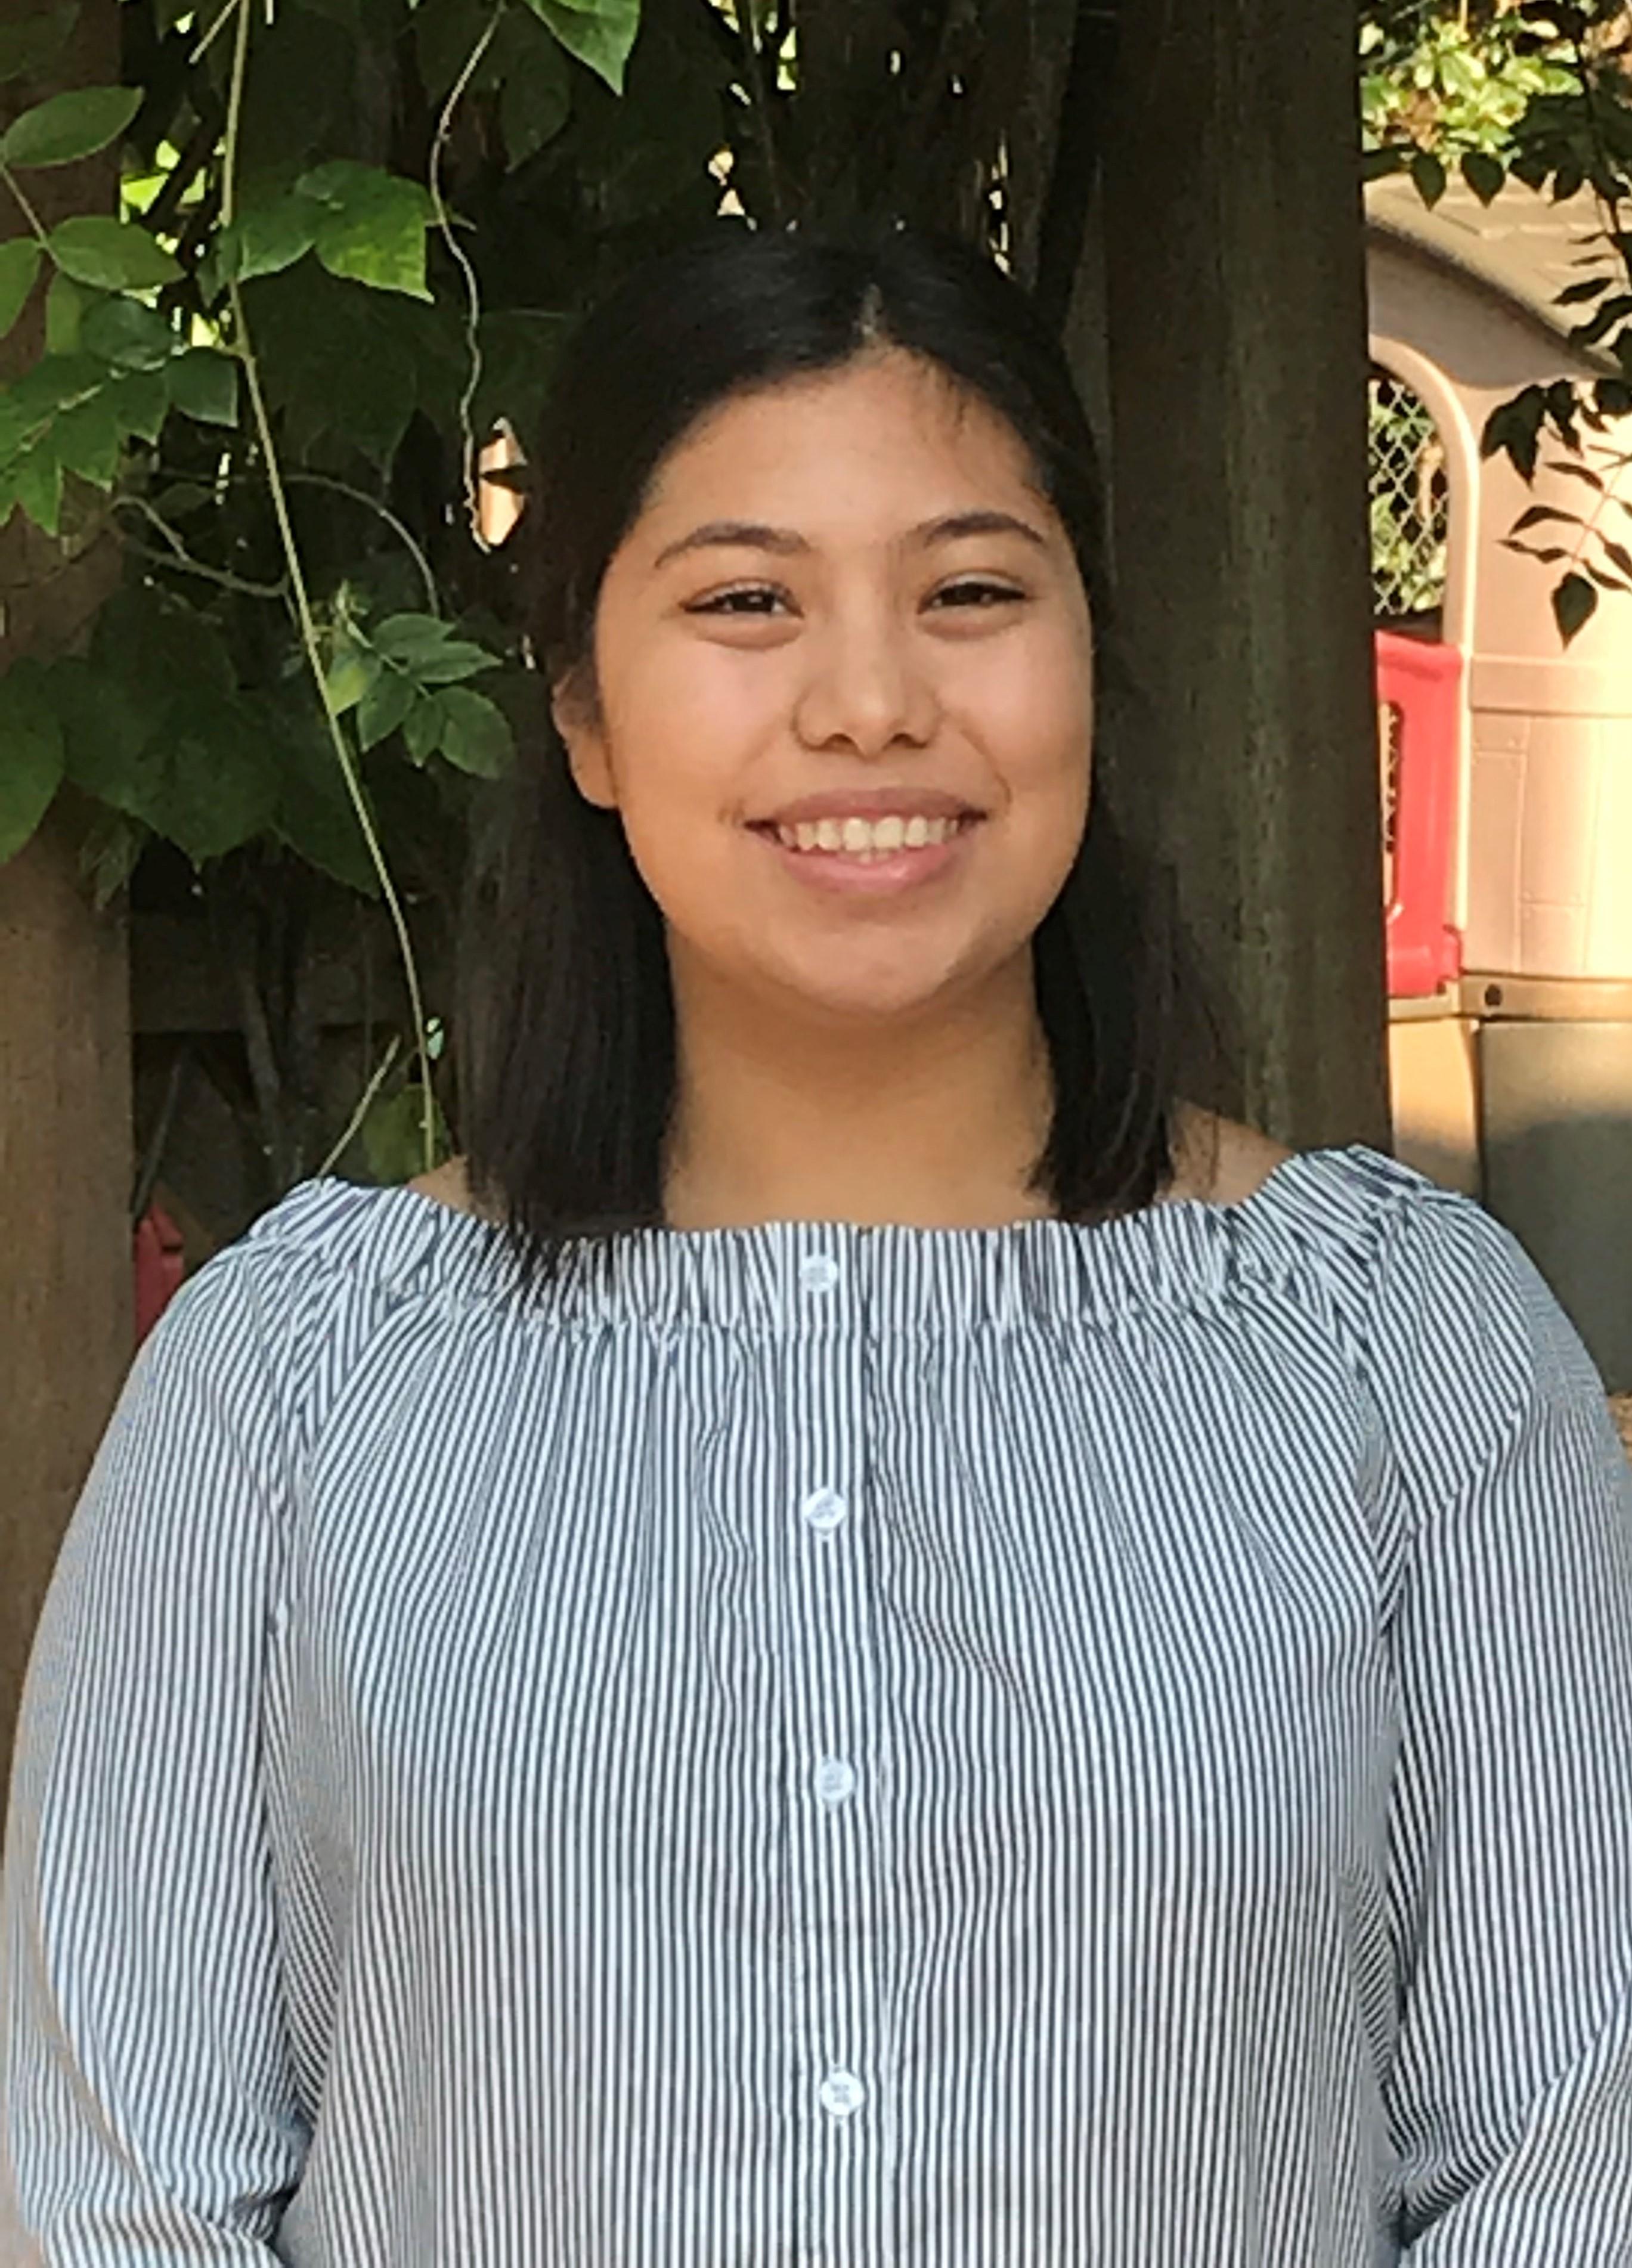 Betsy Munoz Rodriguez